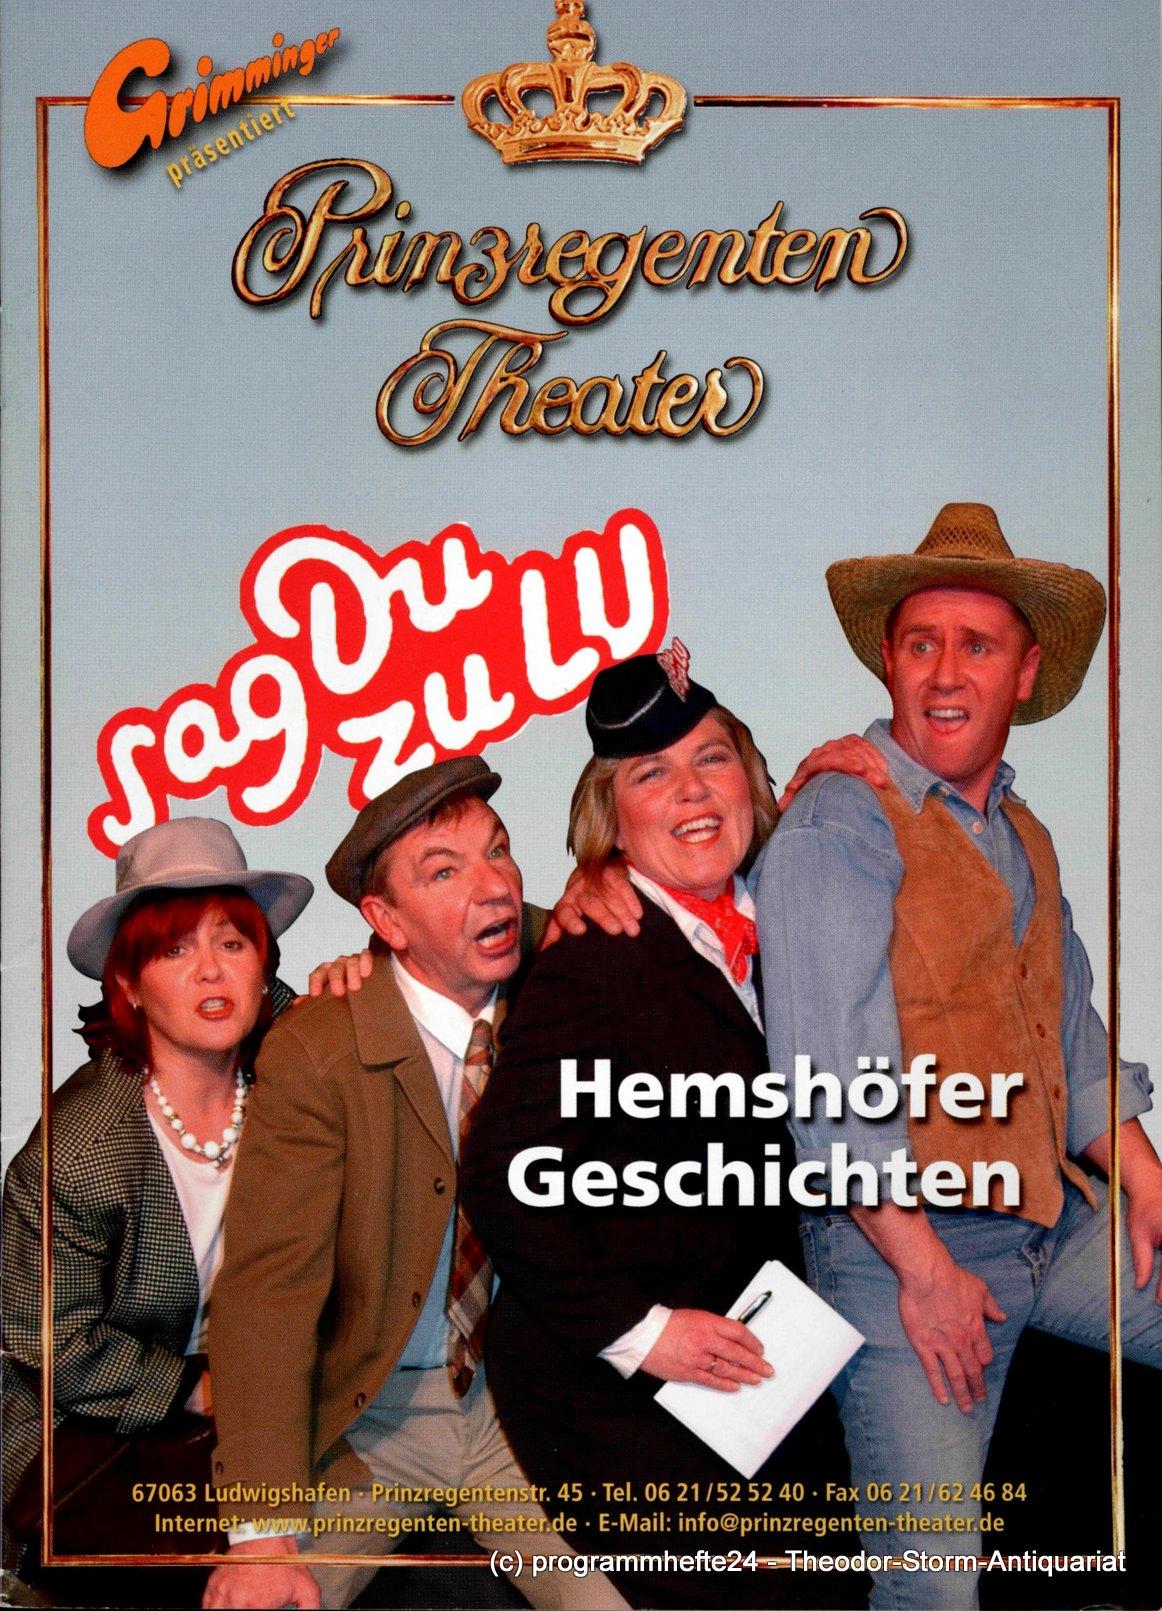 Programmheft Hemshöfer Geschichten Prinzregenten-Theater Ludwigshafen